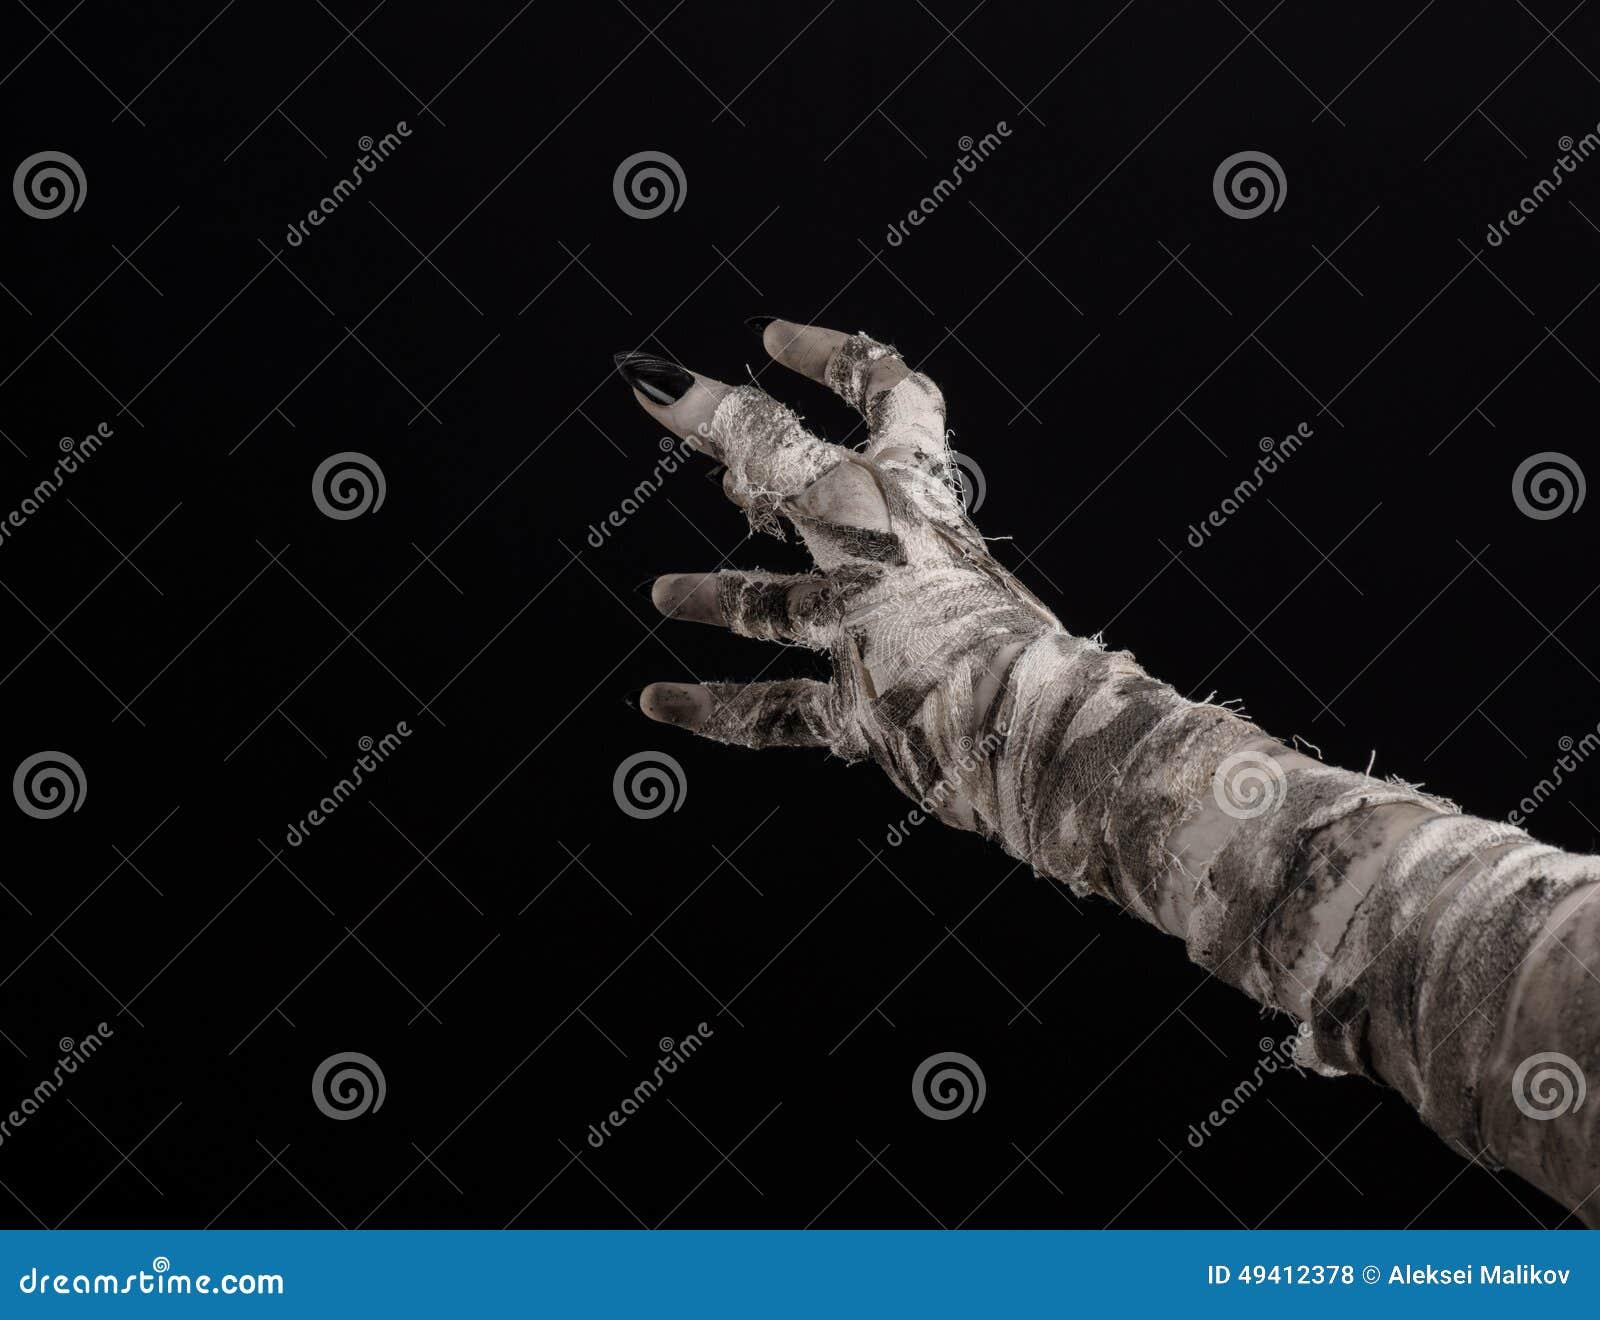 Download Halloween-Thema: Schreckliche Alte Mamahände Auf Einem Schwarzen Hintergrund Stockfoto - Bild von schmutzig, krypta: 49412378